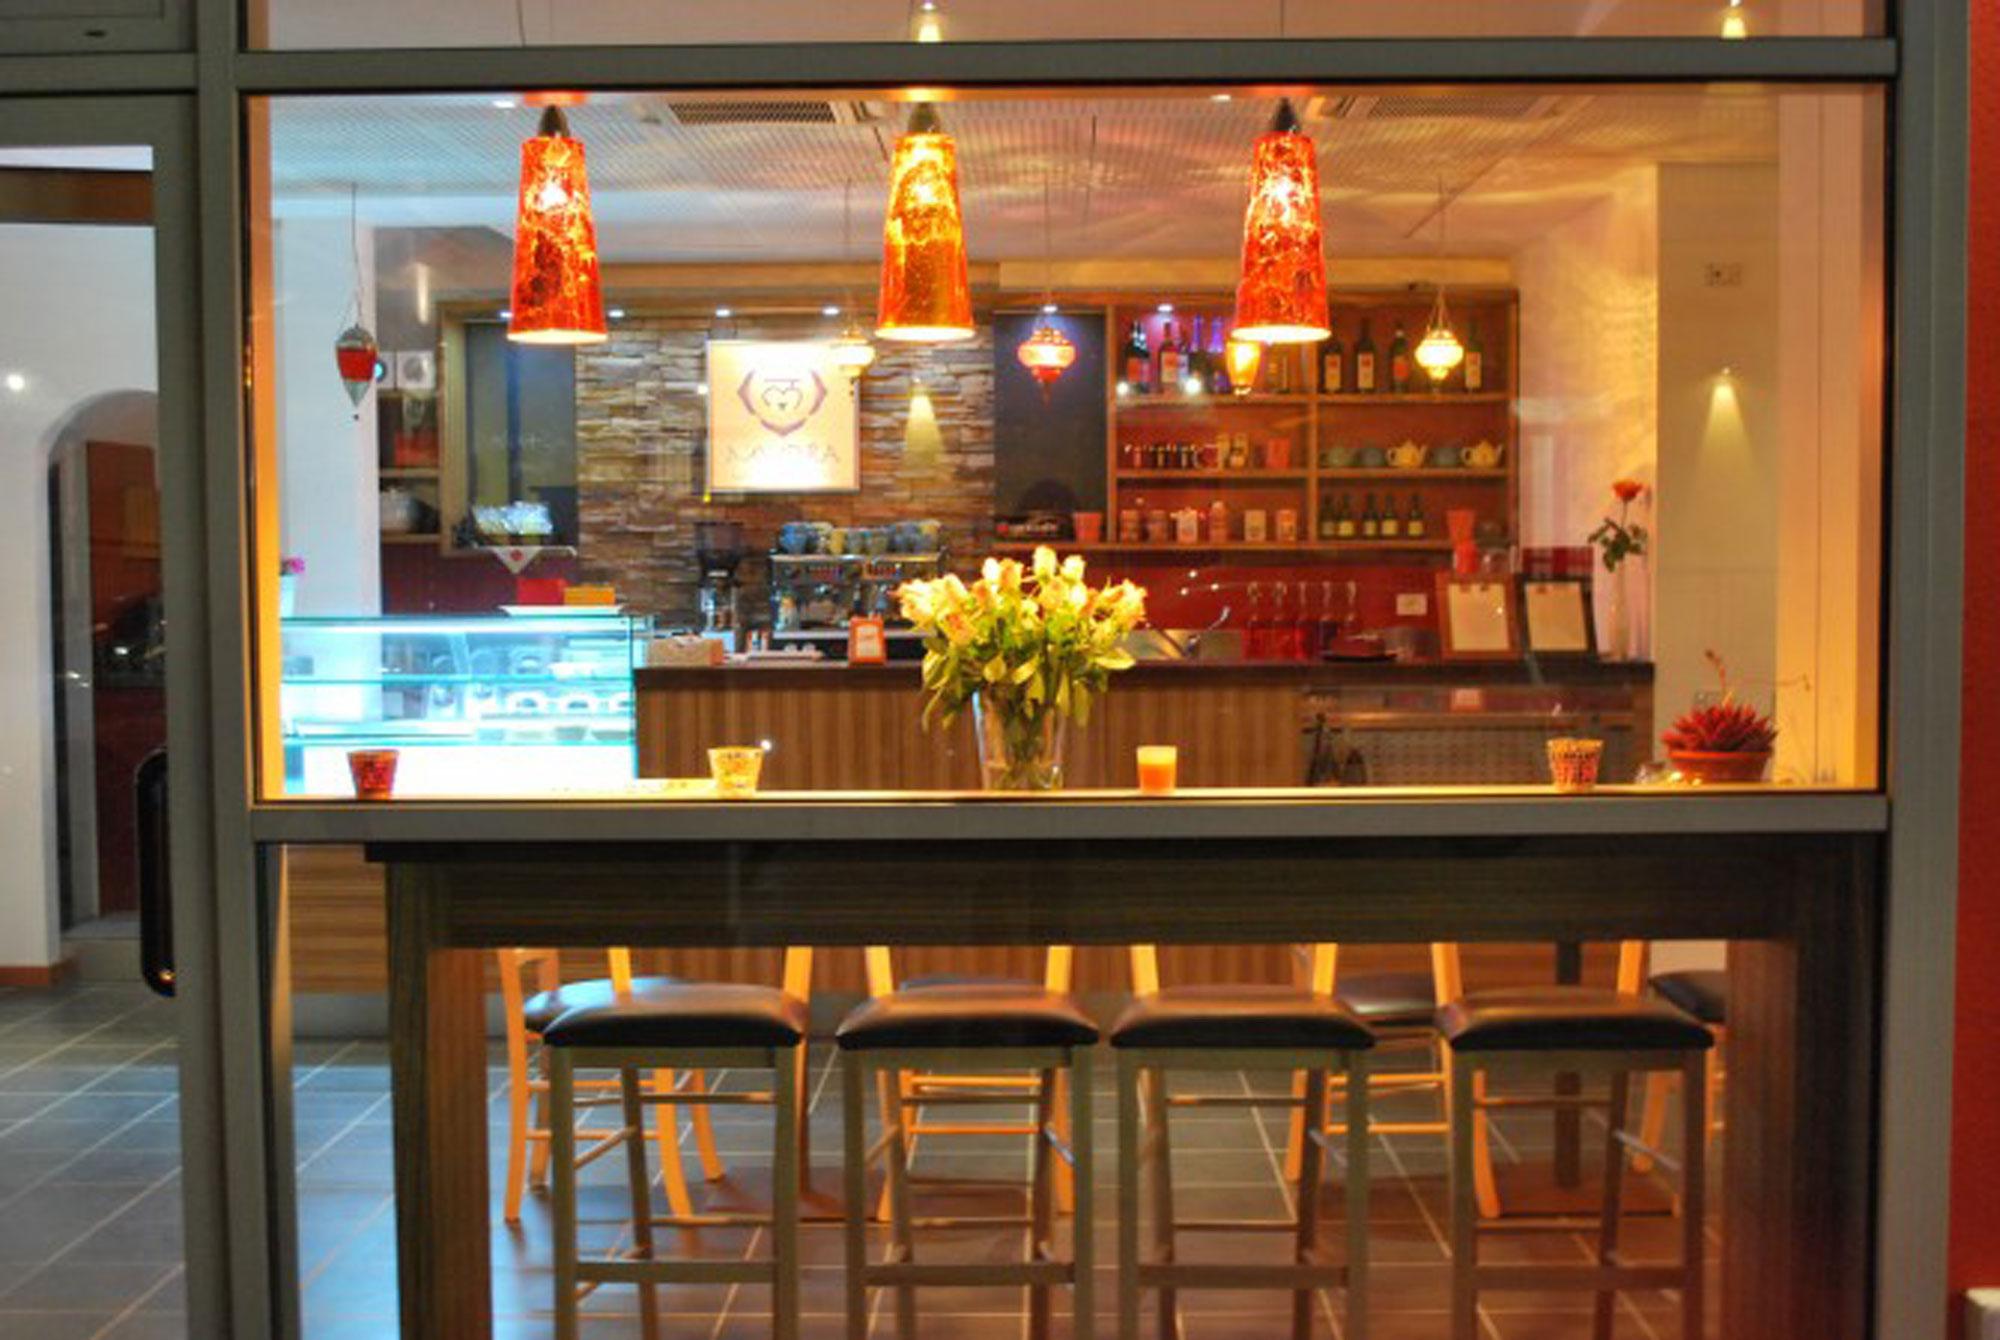 Arredamento bar milano arredamento vintage usato for Arredamento bar milano